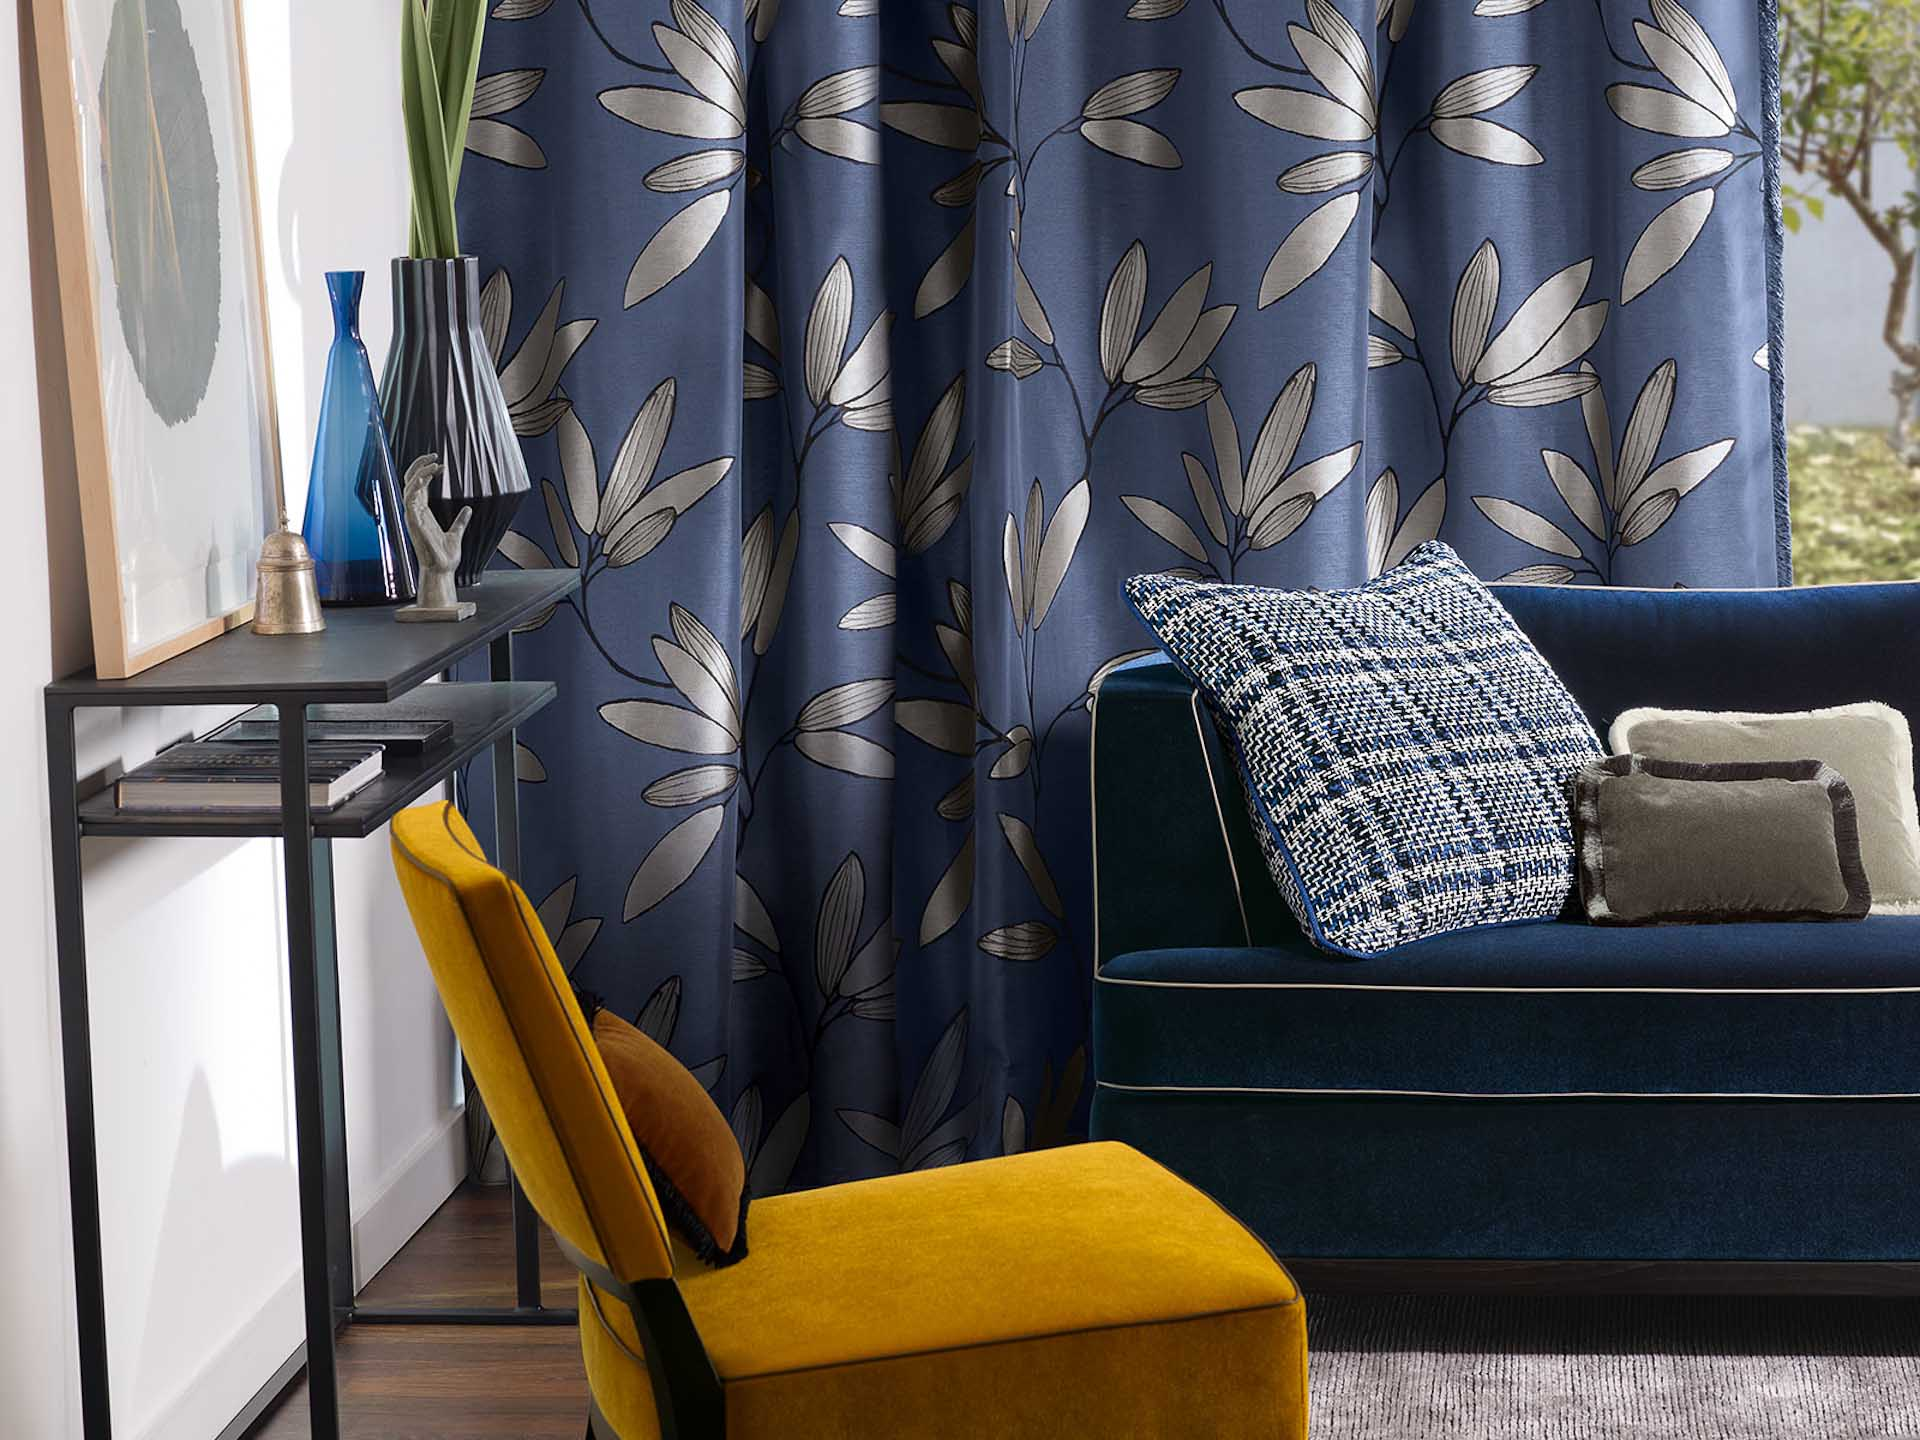 chez soi luxembourg rideaux voilages stores bateaux. Black Bedroom Furniture Sets. Home Design Ideas